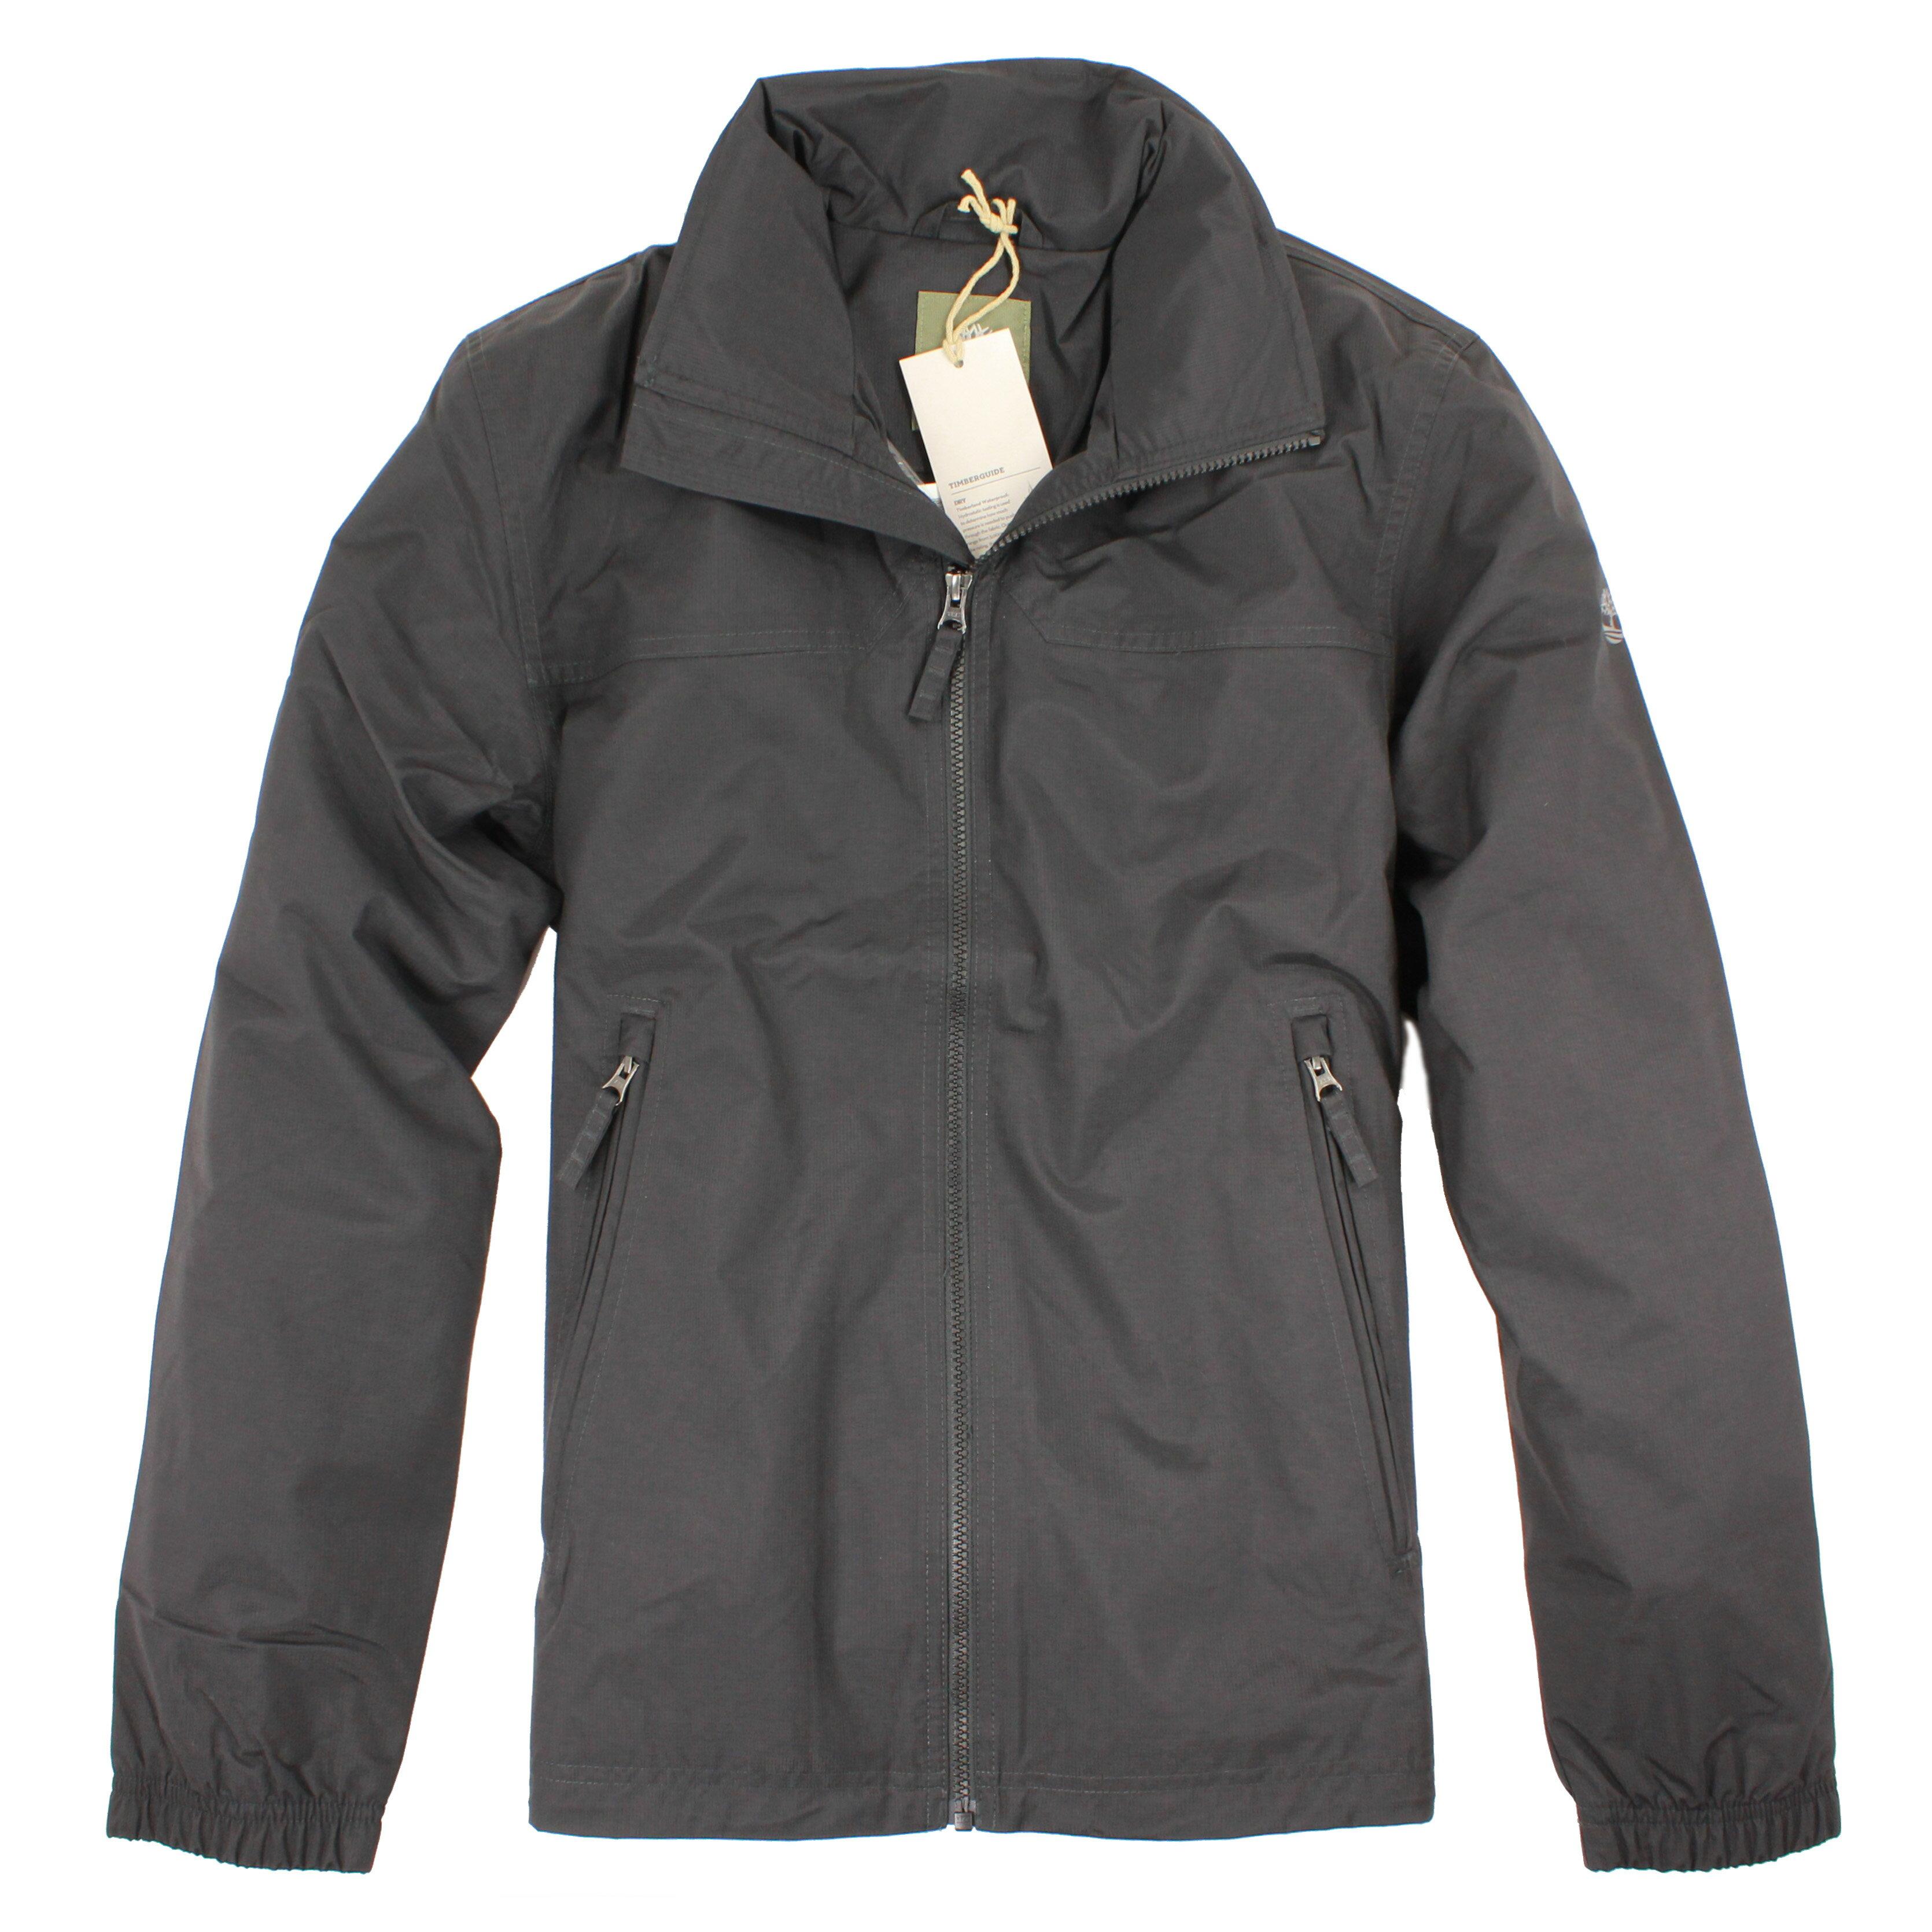 美國百分百【Timberland】 外套 連帽外套 夾克 黑色 防水 機能 耐磨 出國 男衣 戶外 S號 E265